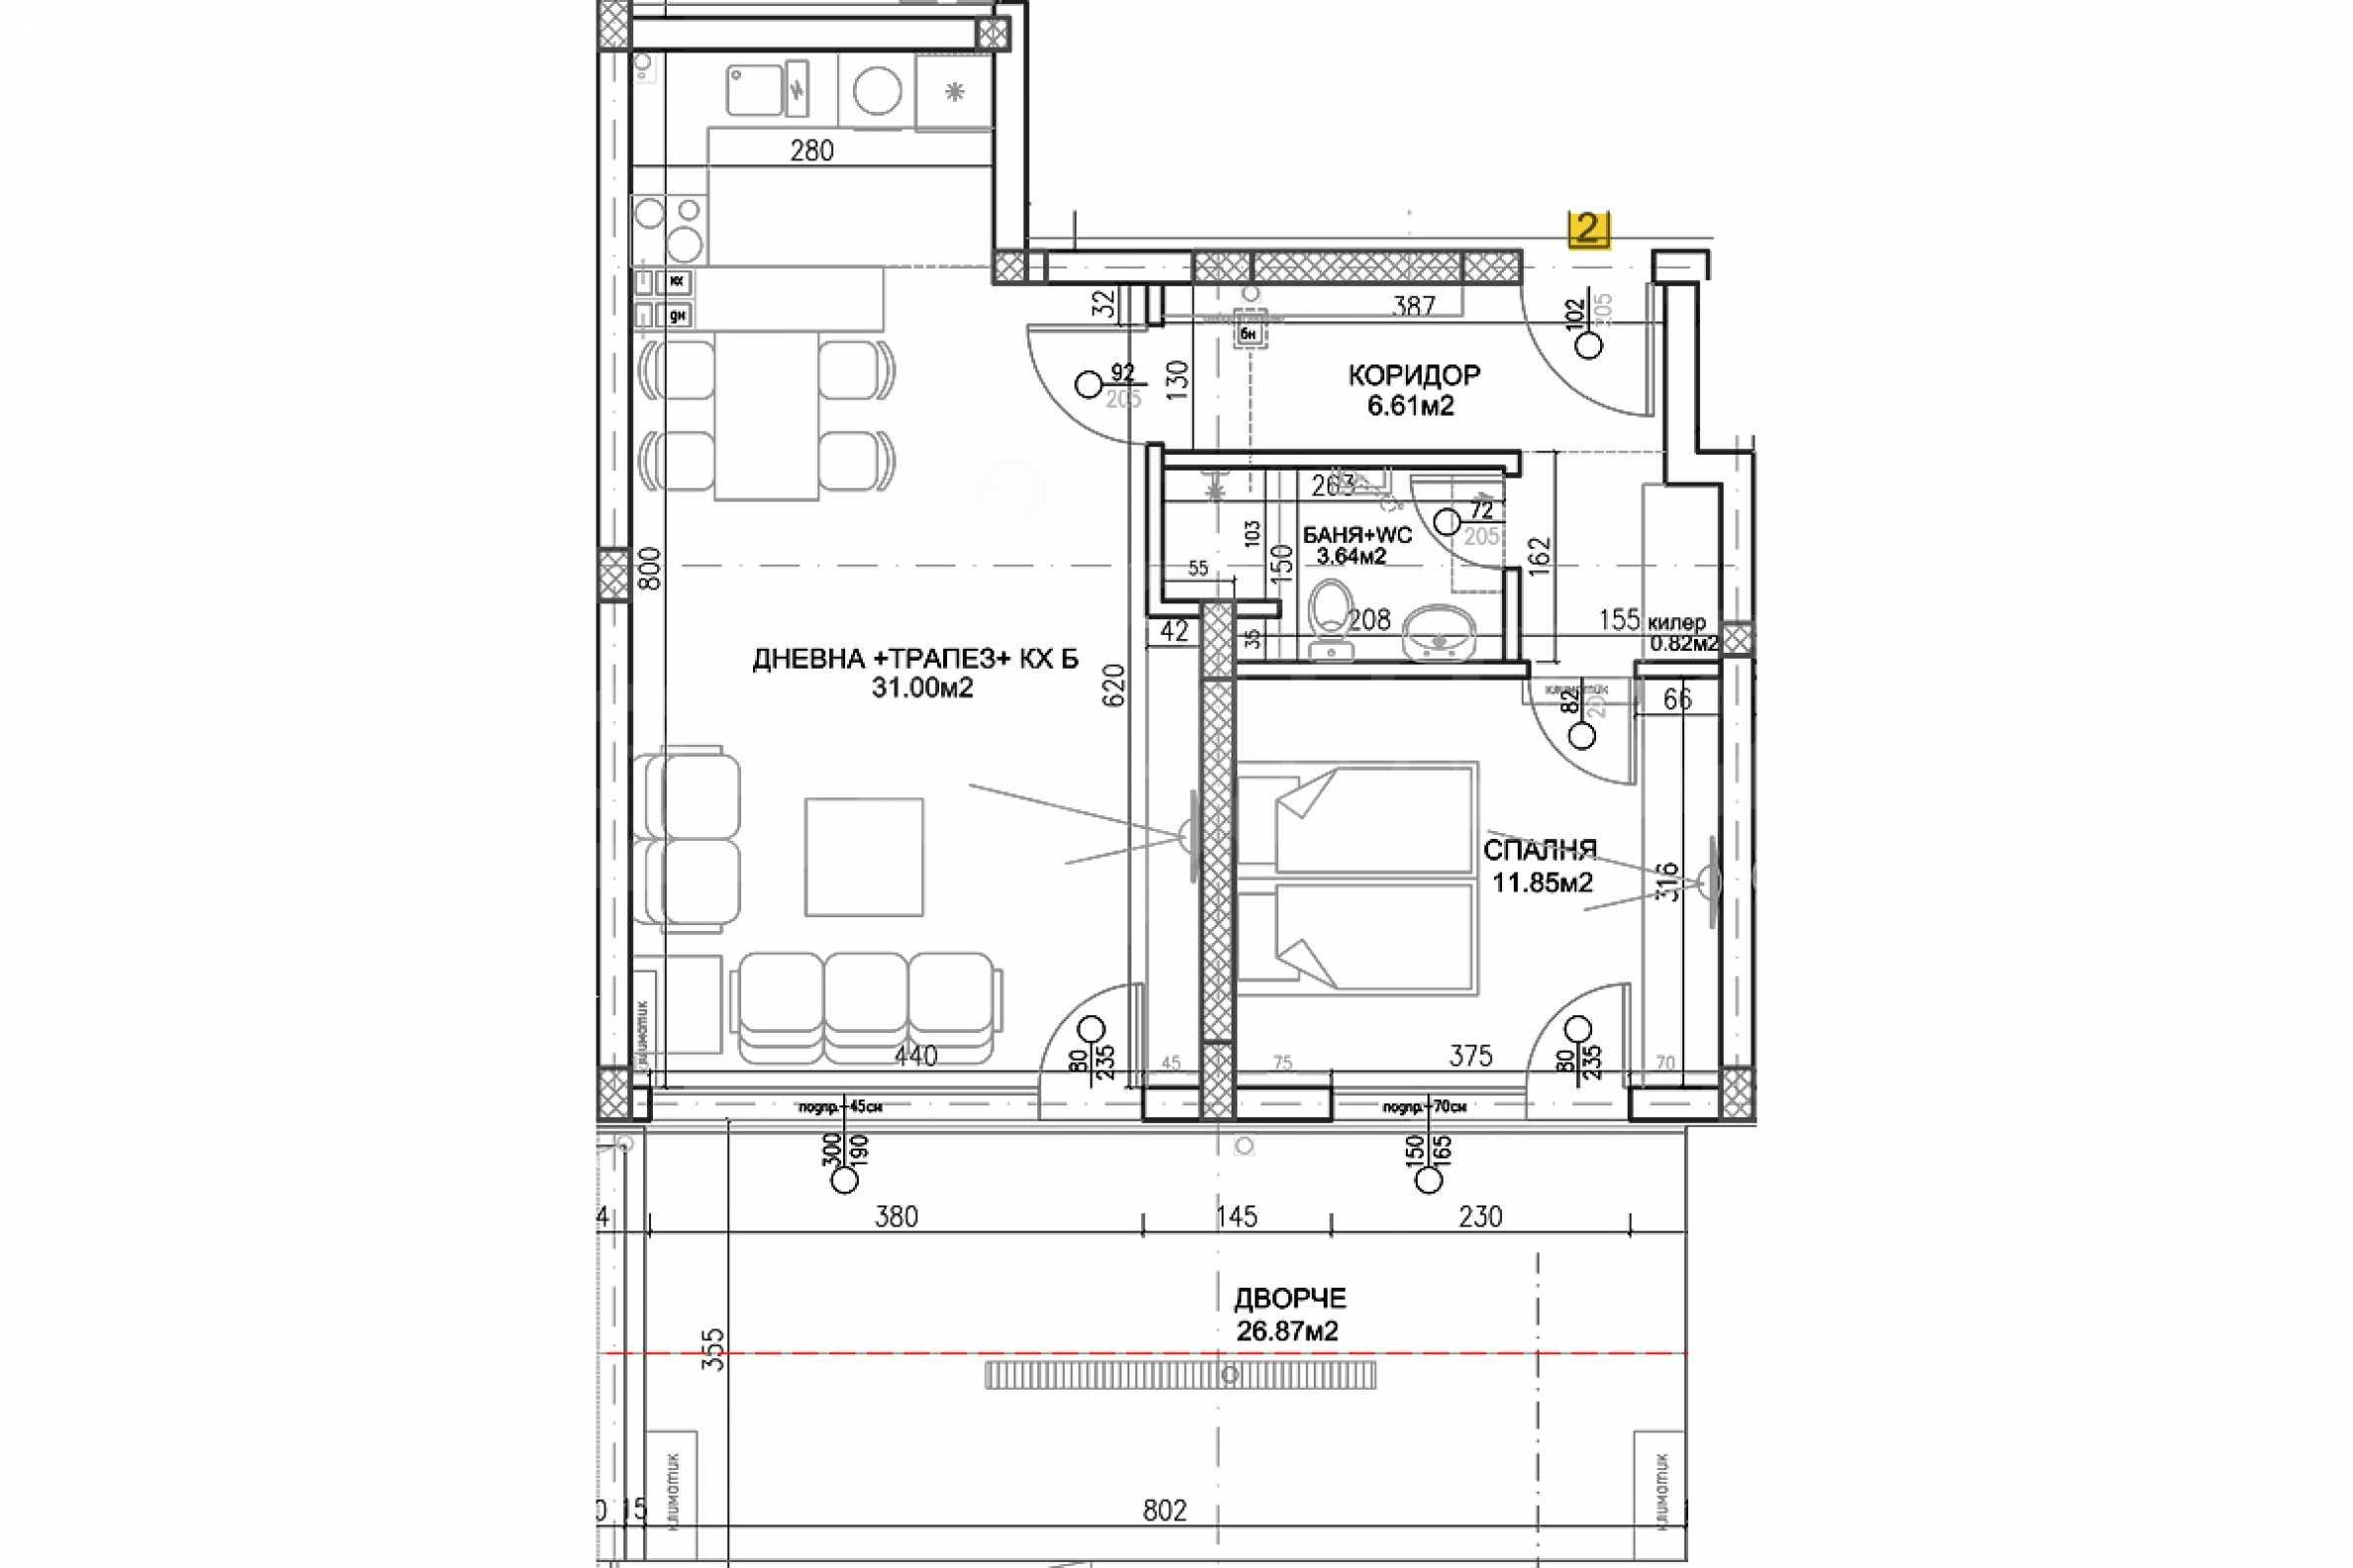 Двустаен апартамент в луксозна жилищна сграда на комуникативна локация в гр.Пловдив 13